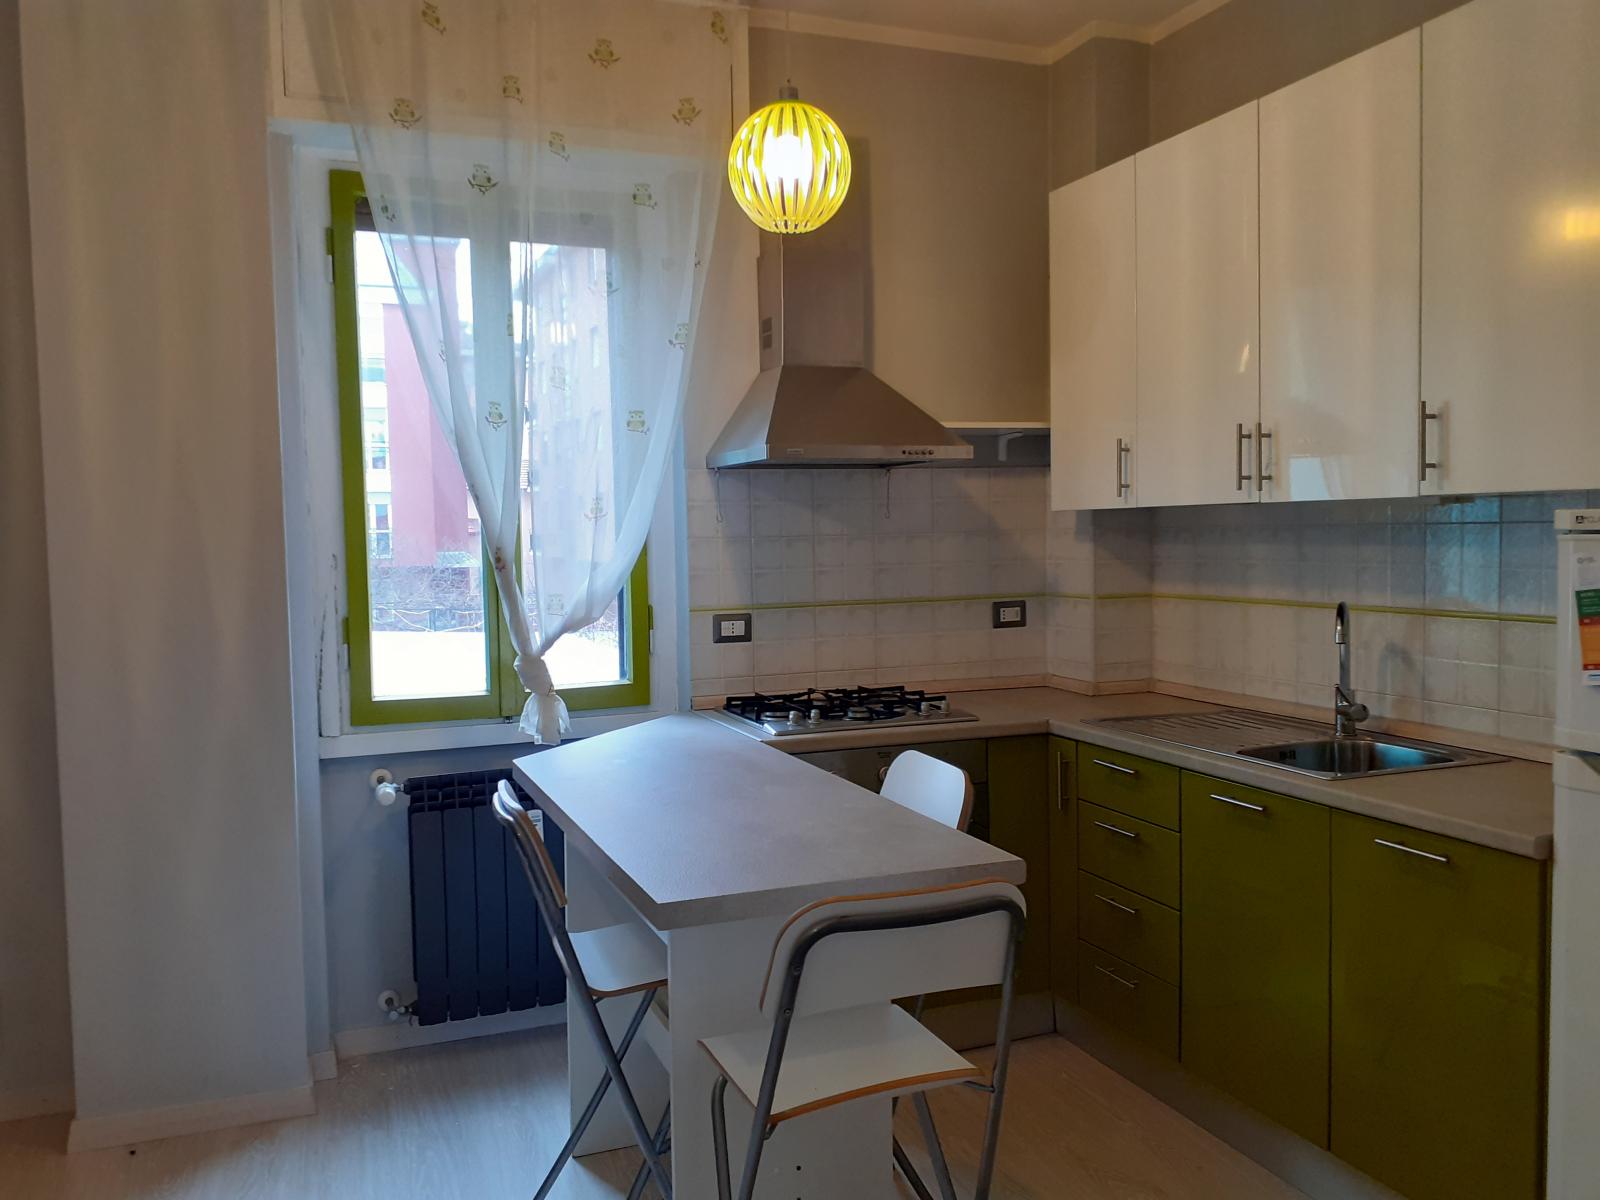 appartamento-in-vendita-milano-baggio-2-locali-open-space-spaziourbano-immobiliare-vende-11